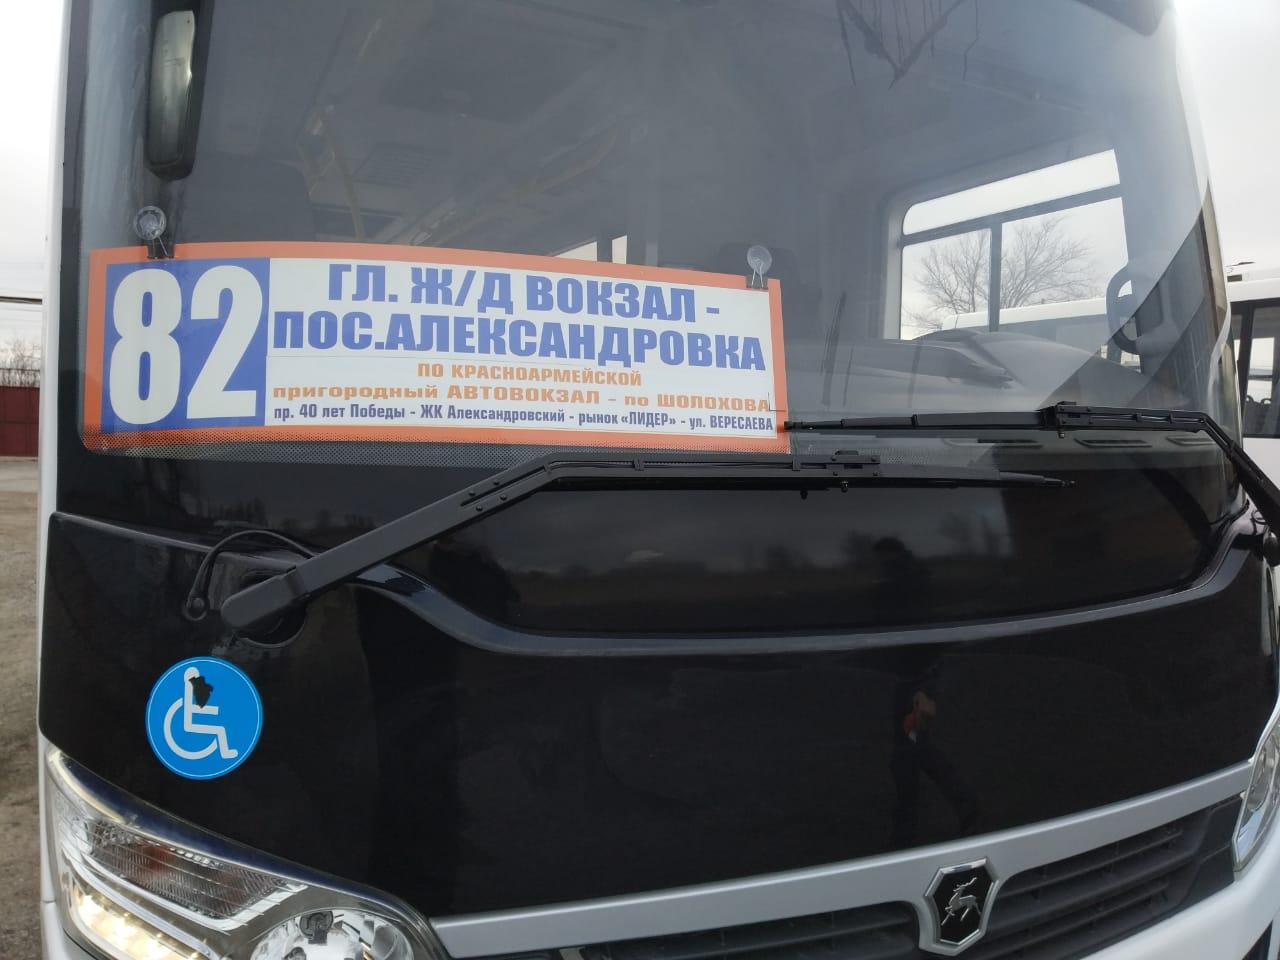 Маршрут №82, Ассоциация работников транспорта и туризма (АРТТ)//Фото: пресс-служба АРТТ